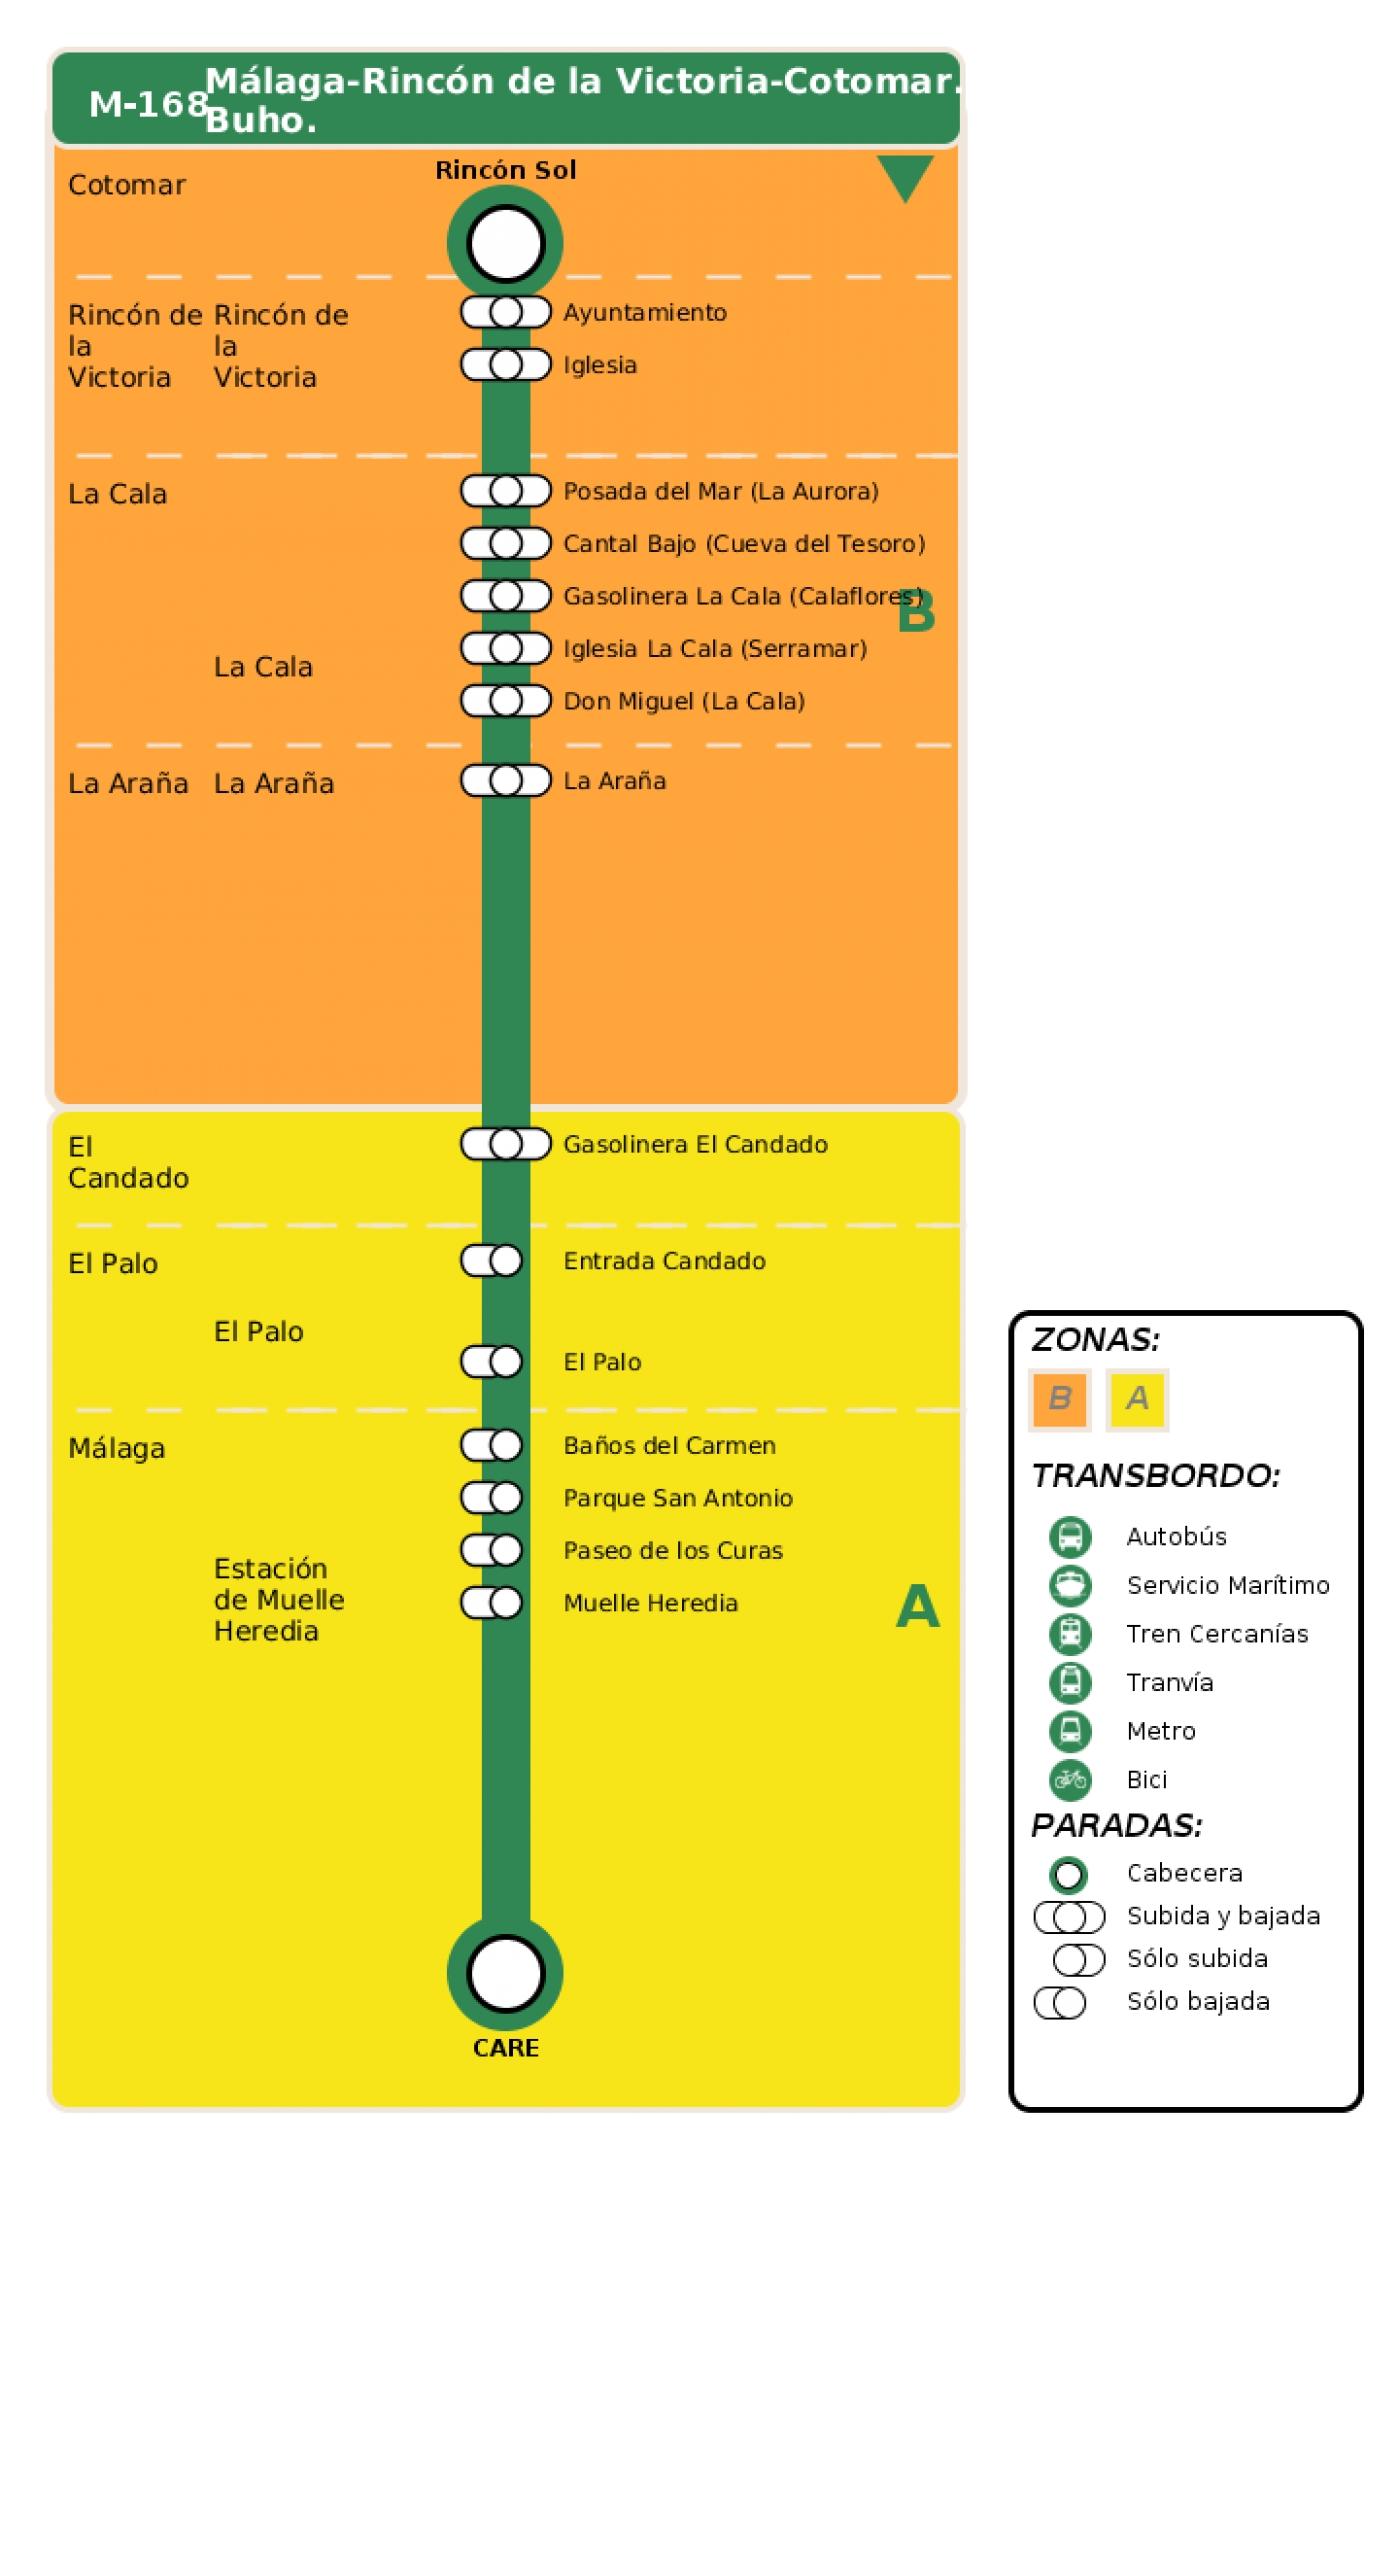 Recorrido esquemático, paradas y correspondencias en sentido vuelta Línea M-168: Málaga - Rincón de la Victoria - Cotomar (Nocturno)